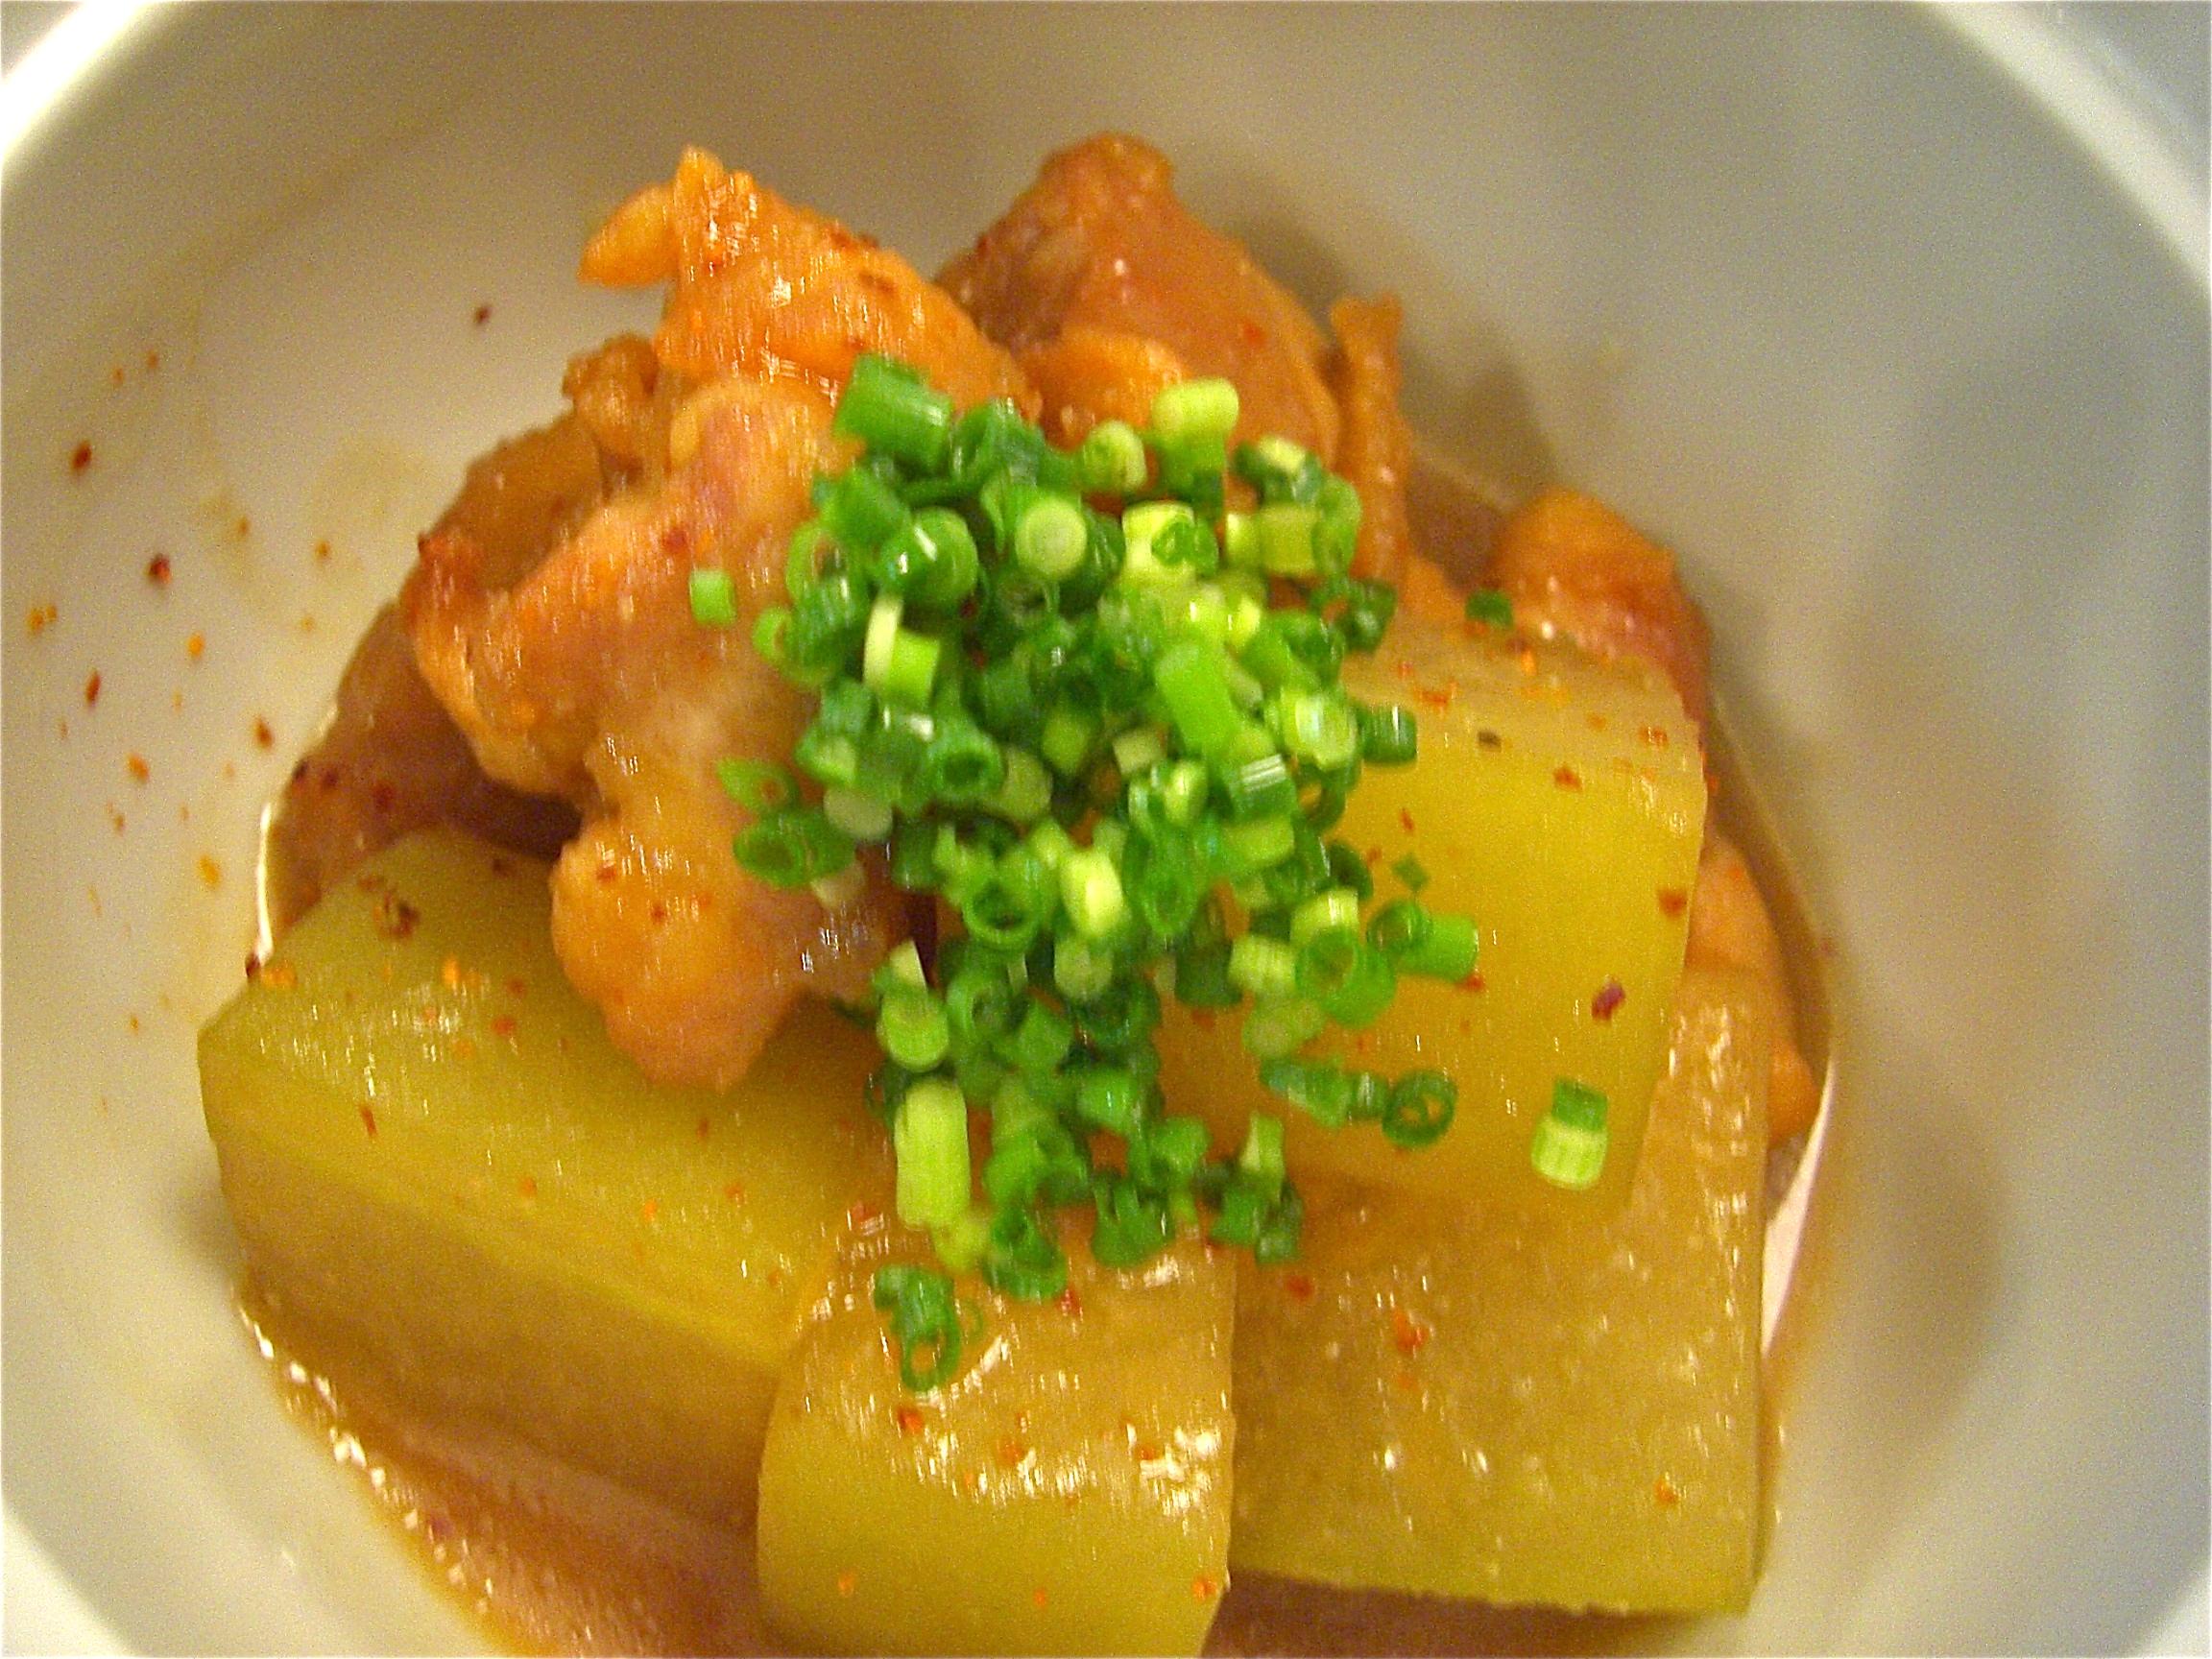 冬瓜と地鶏の味噌煮(地鶏料理5、冬瓜(とうがん)料理1)